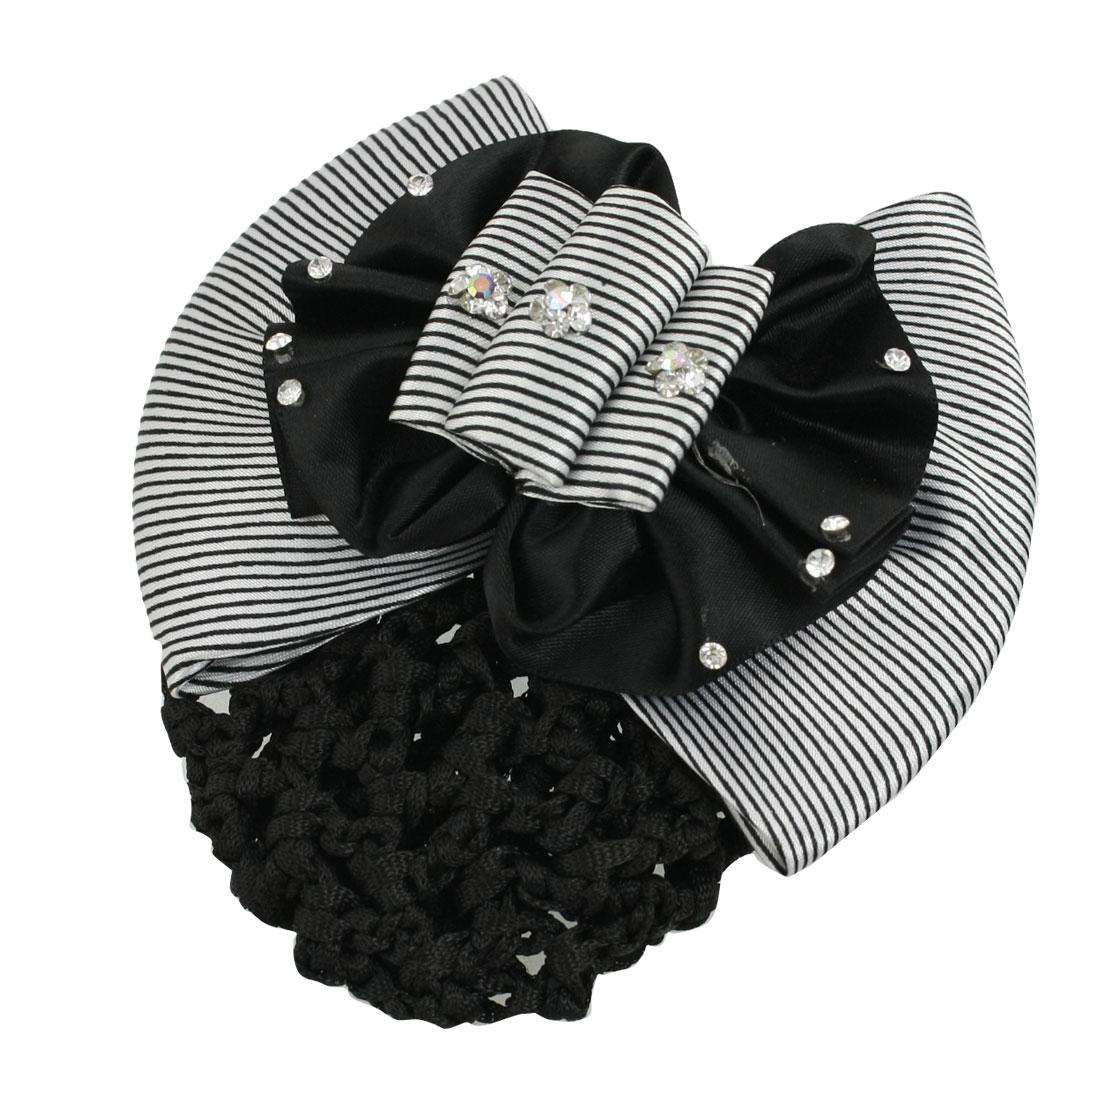 Woman Black White Striped Bowknot Barrette Hair Clip w Snood Net